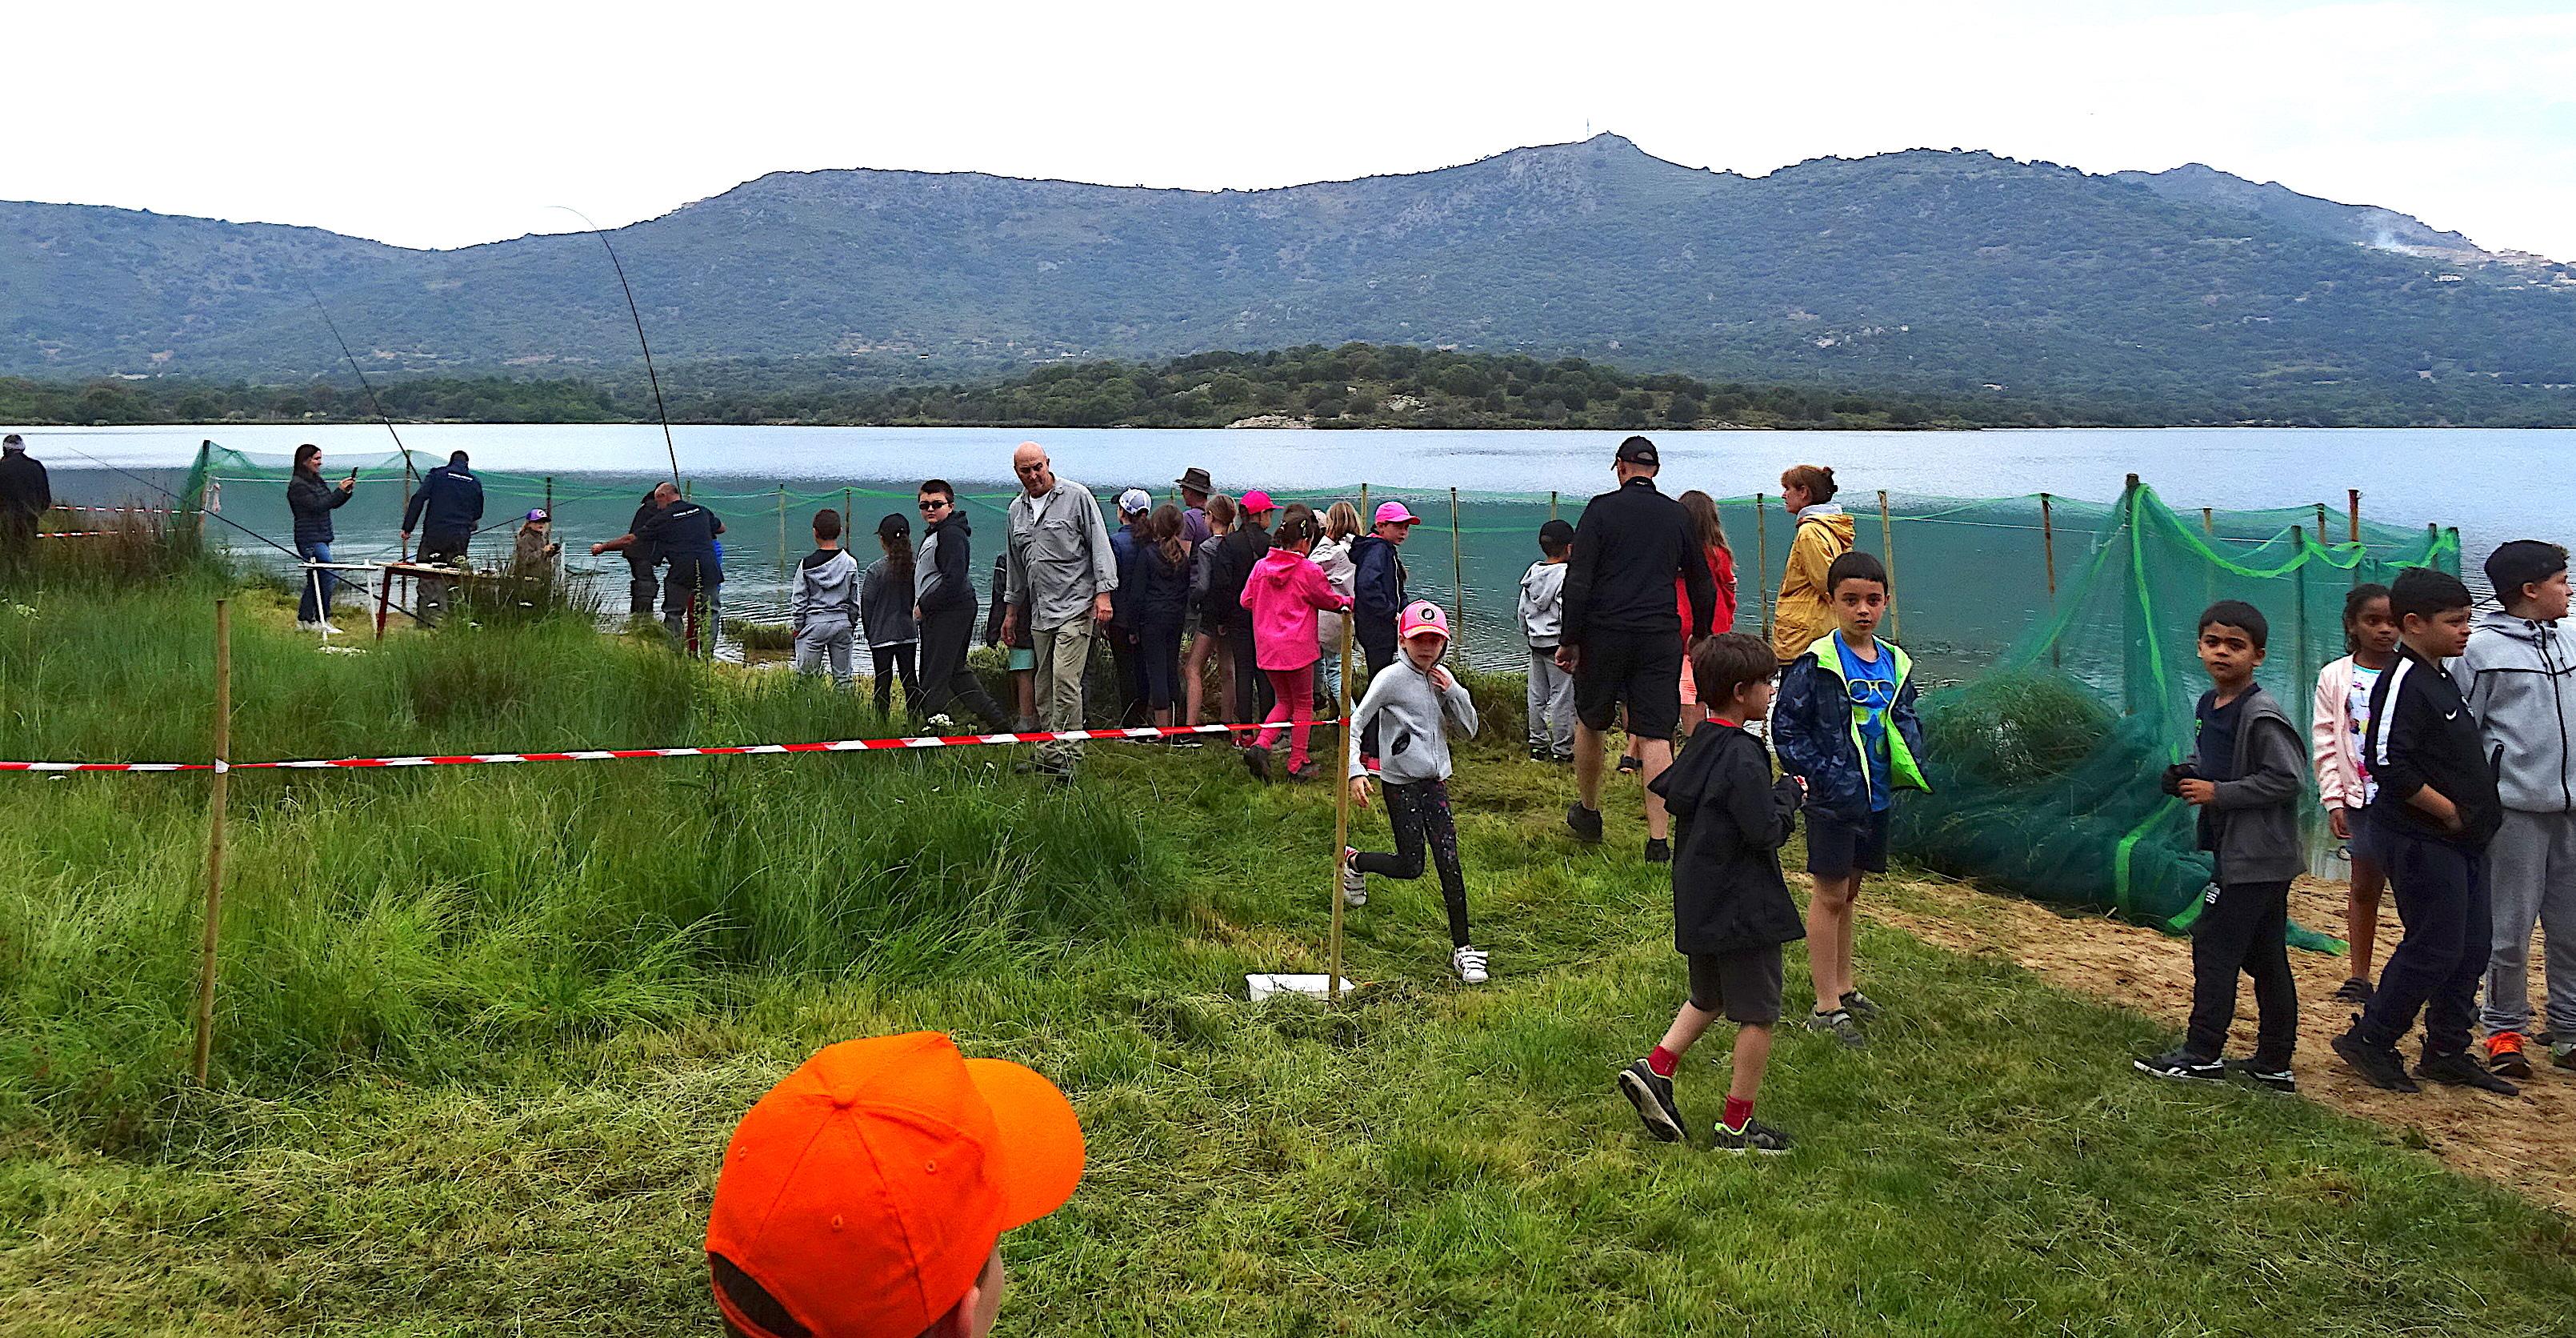 La fête de la pêche, une tradition